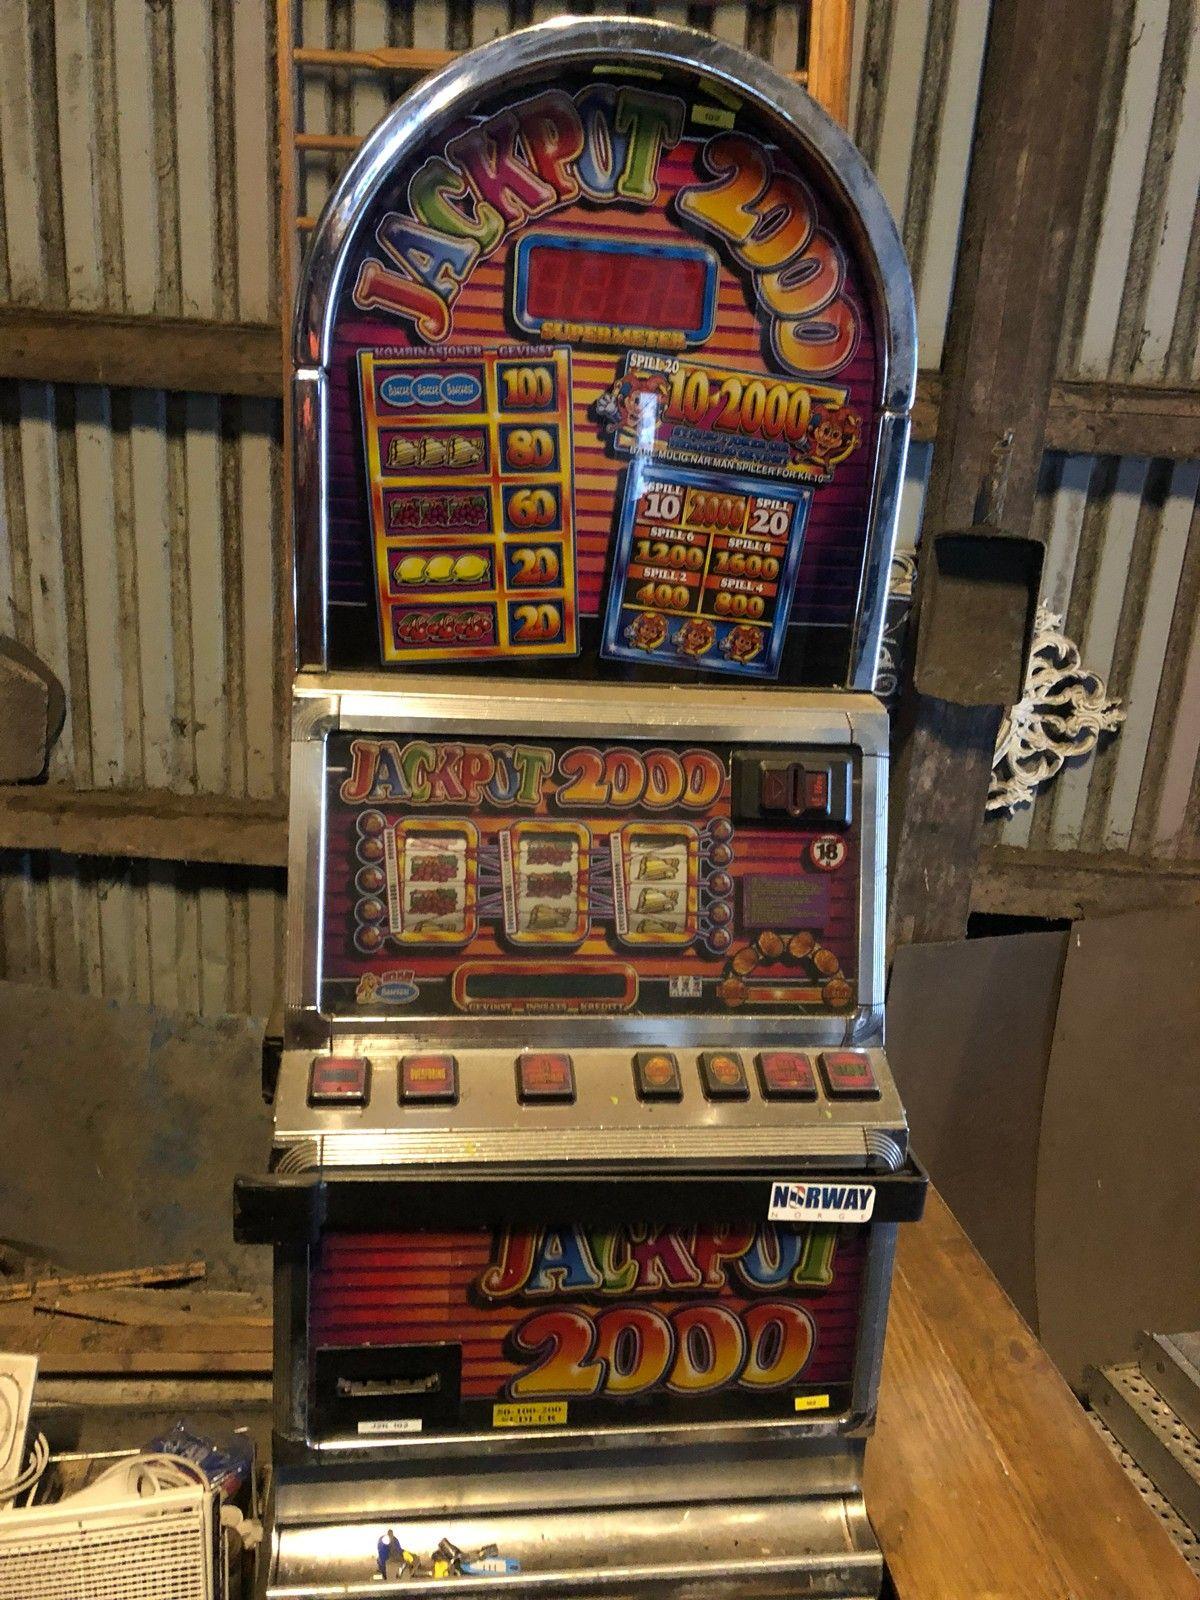 Arcade jackpot 2000 - Nærbø  - Ikkje testet. Og gir feilkoder på seddelautomat - Nærbø